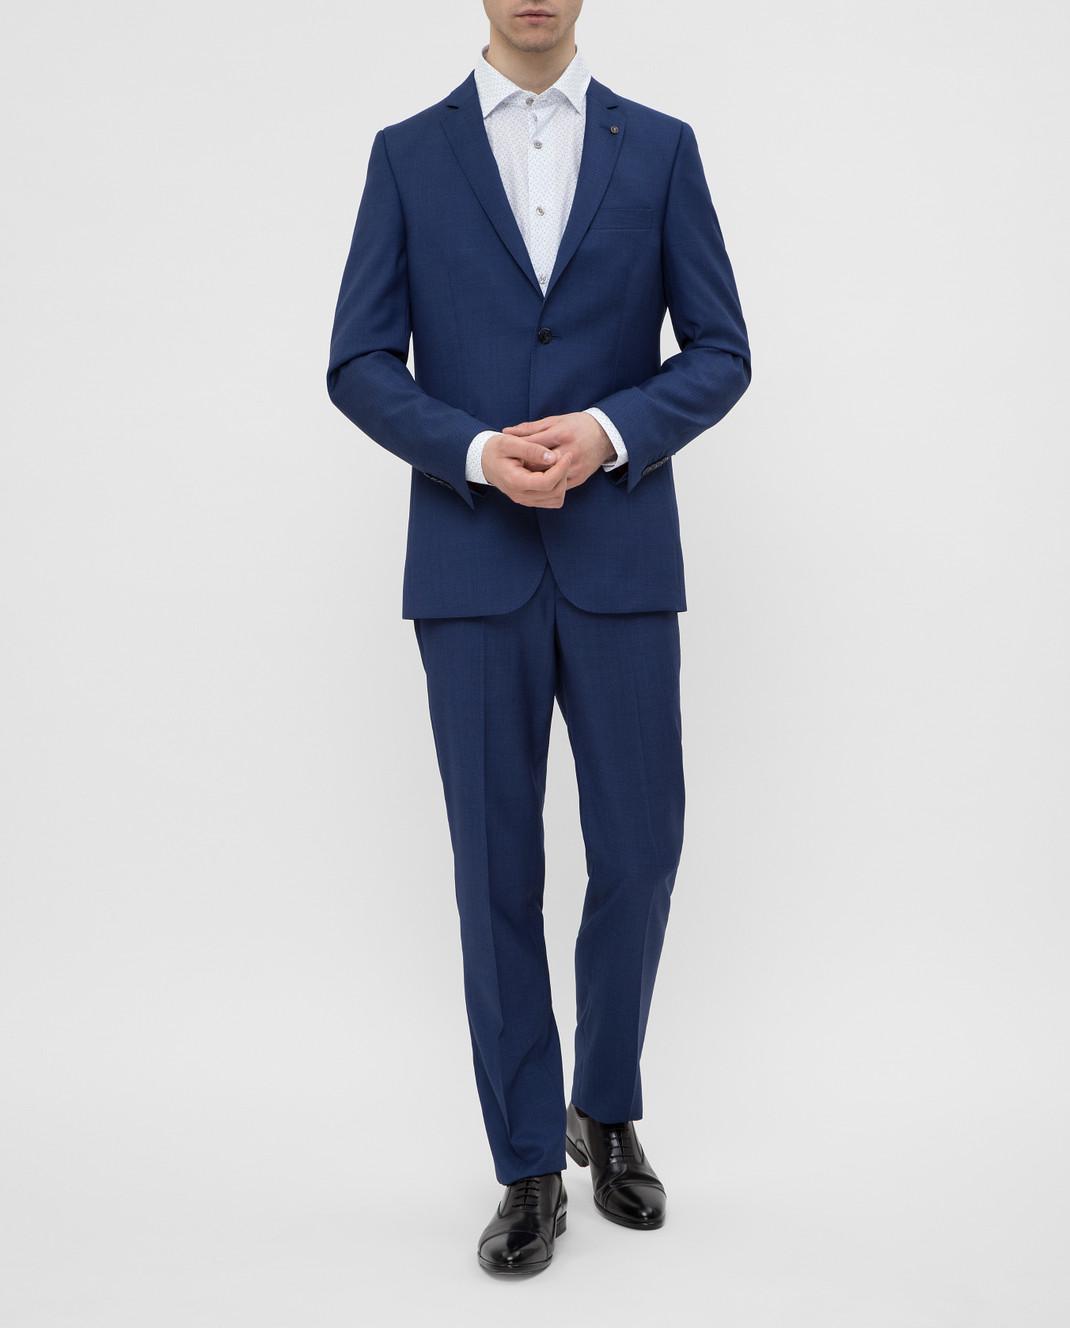 Florentino Синий костюм из шерсти изображение 2